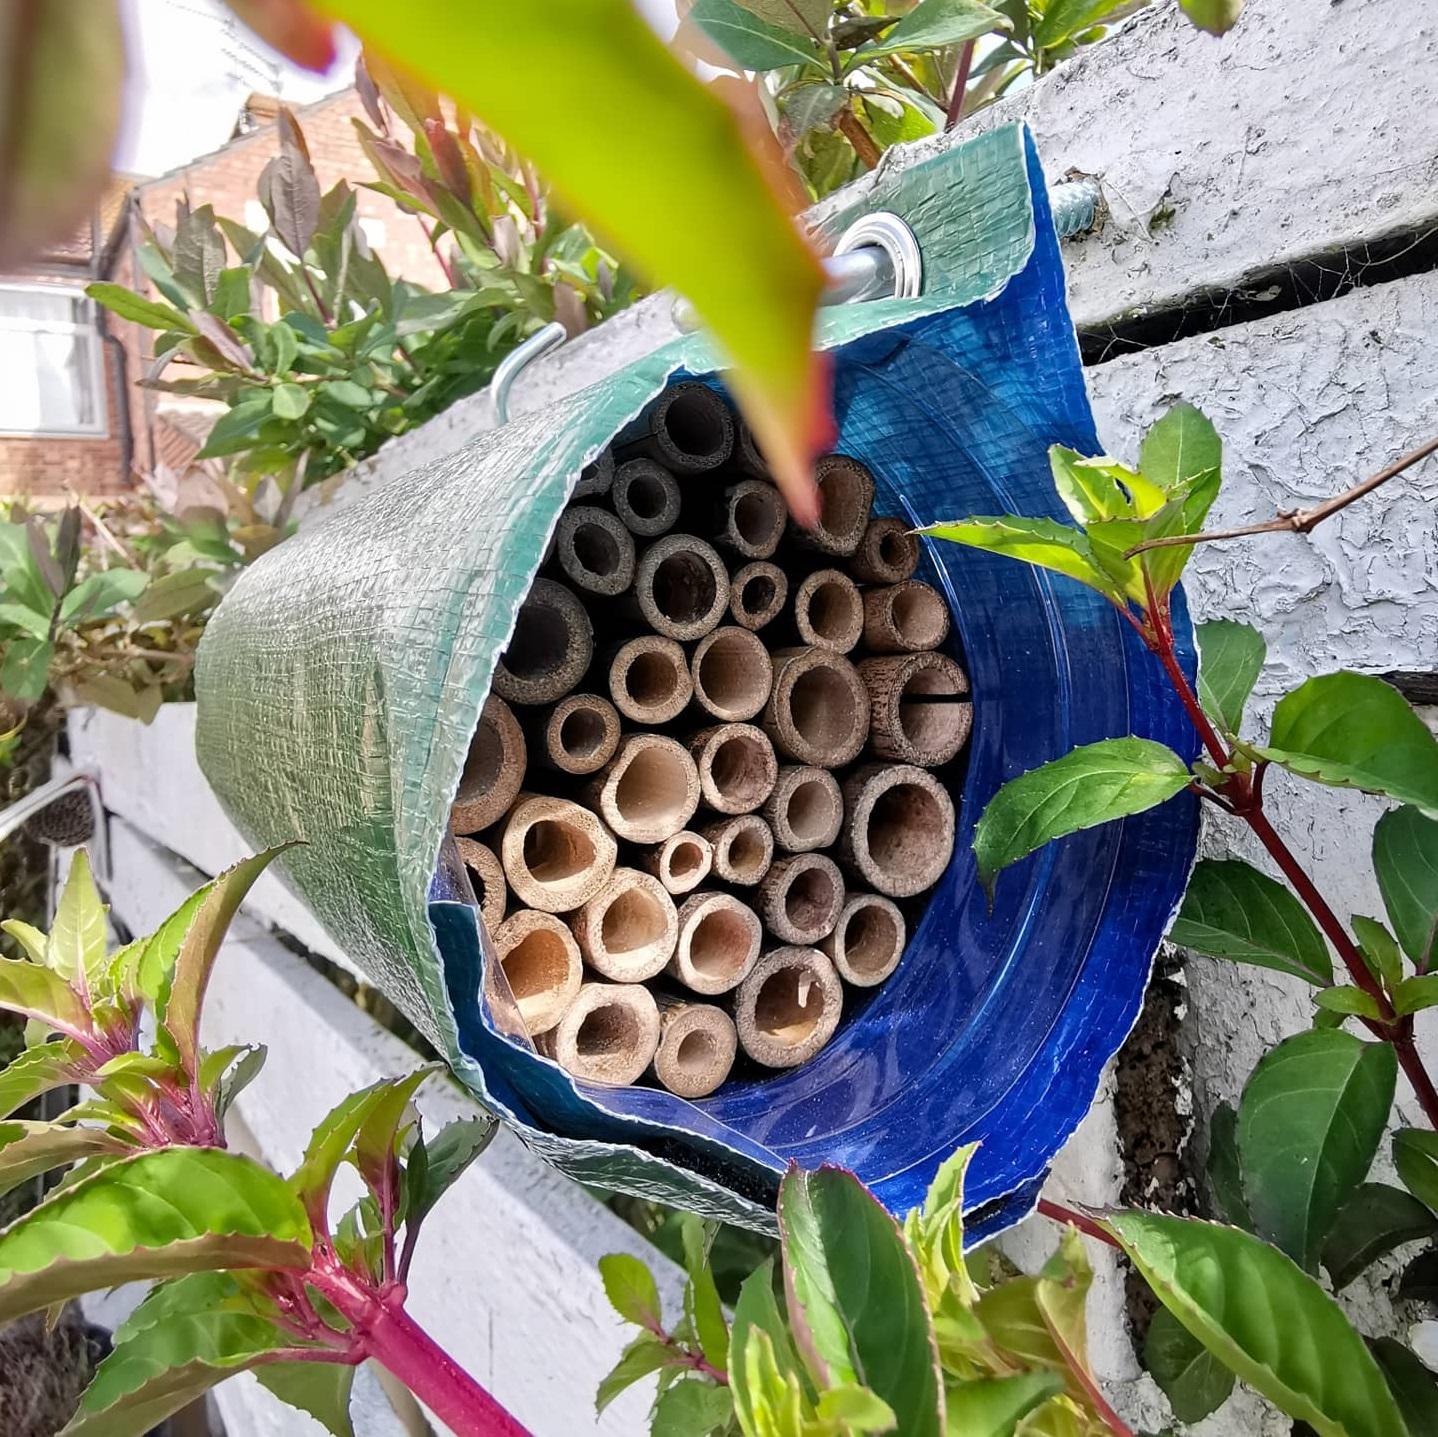 Bee hotel installed in garden